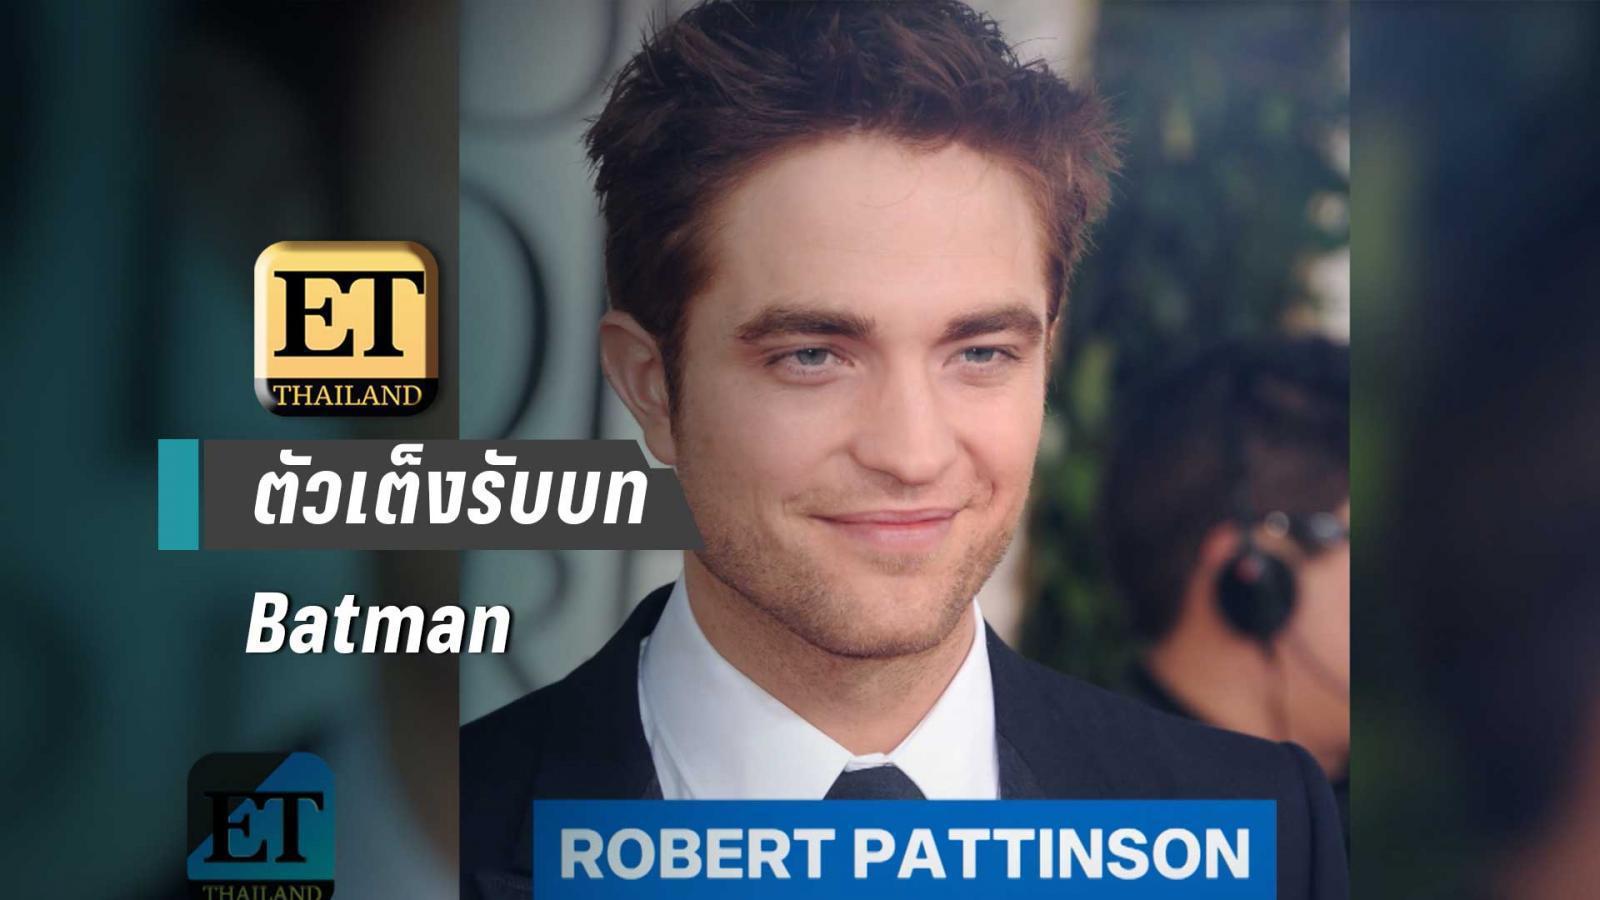 """""""โรเบิร์ต แพททินสัน"""" ตัวเต็งรับบท Batman"""